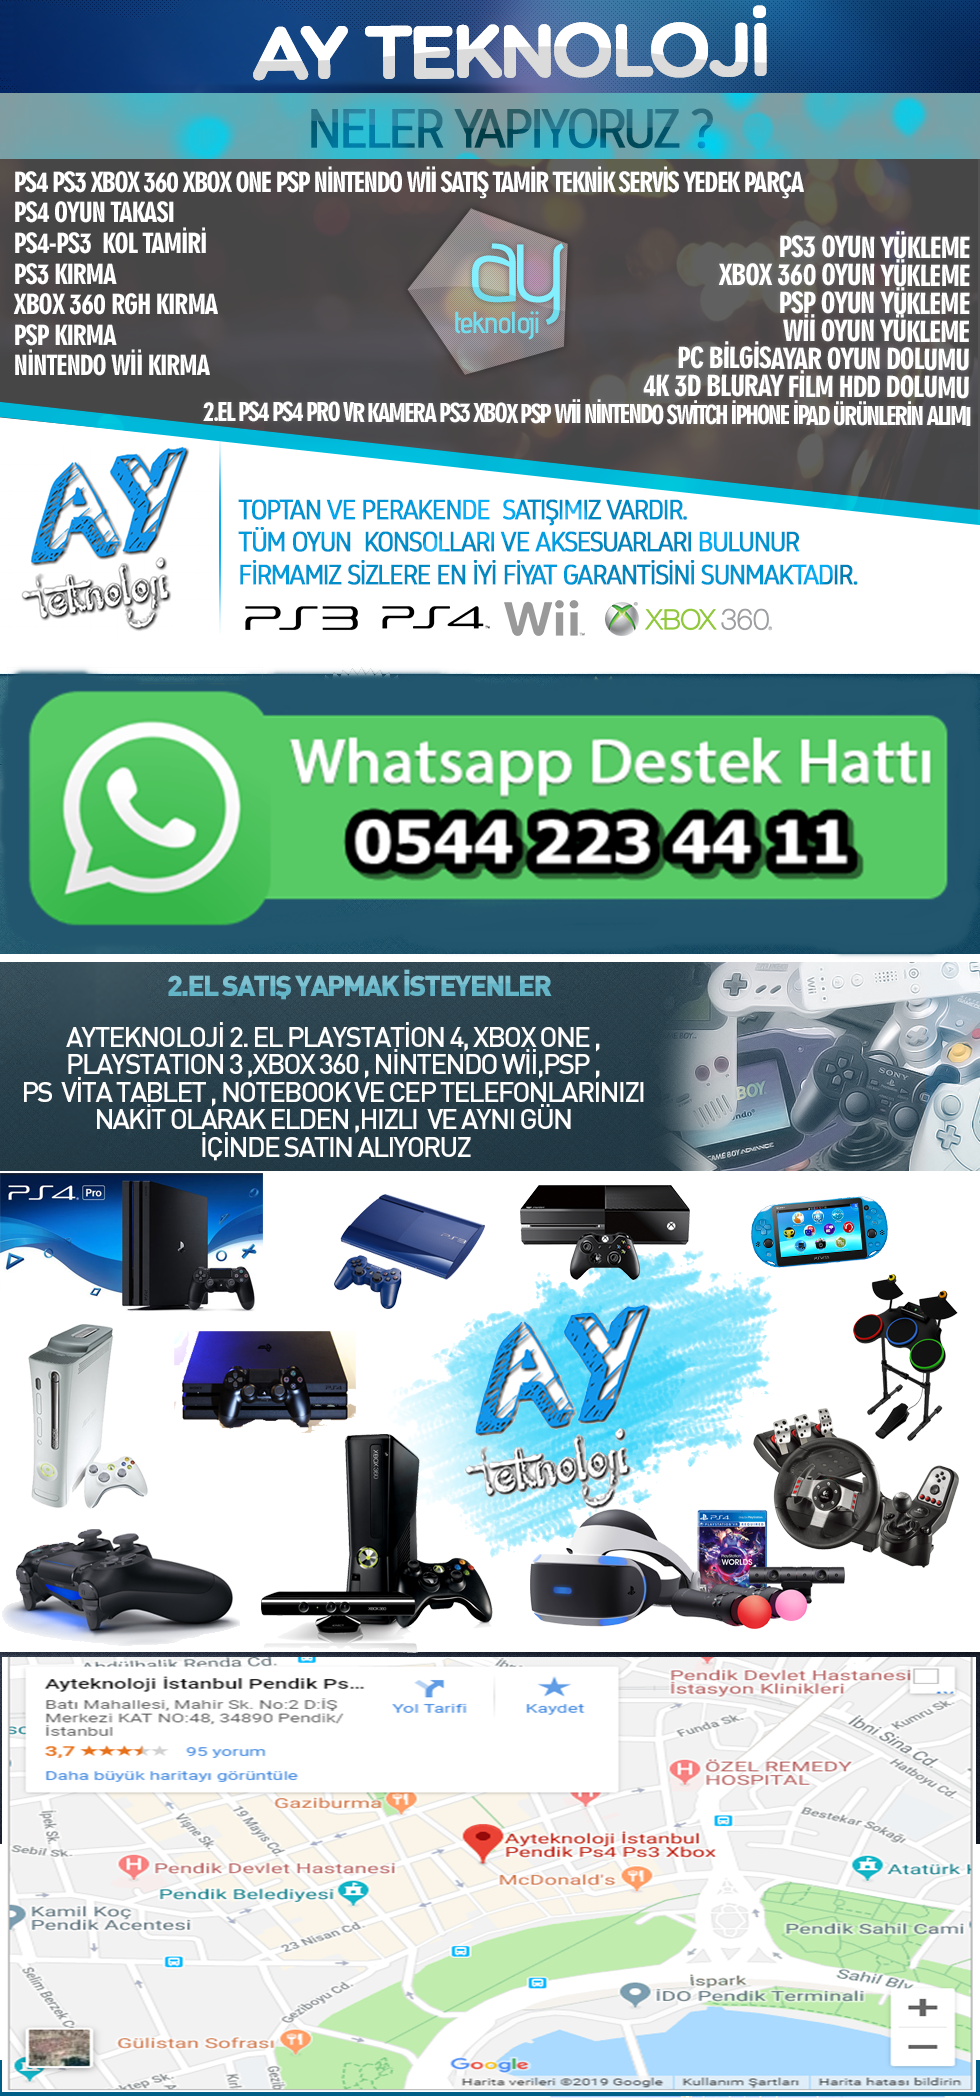 XBOX 360+1 TB+1 KOL+KİNECT+500 OYUN+2 YIL GARANTİ PAKET 1 at sahibinden.com  - 696868379